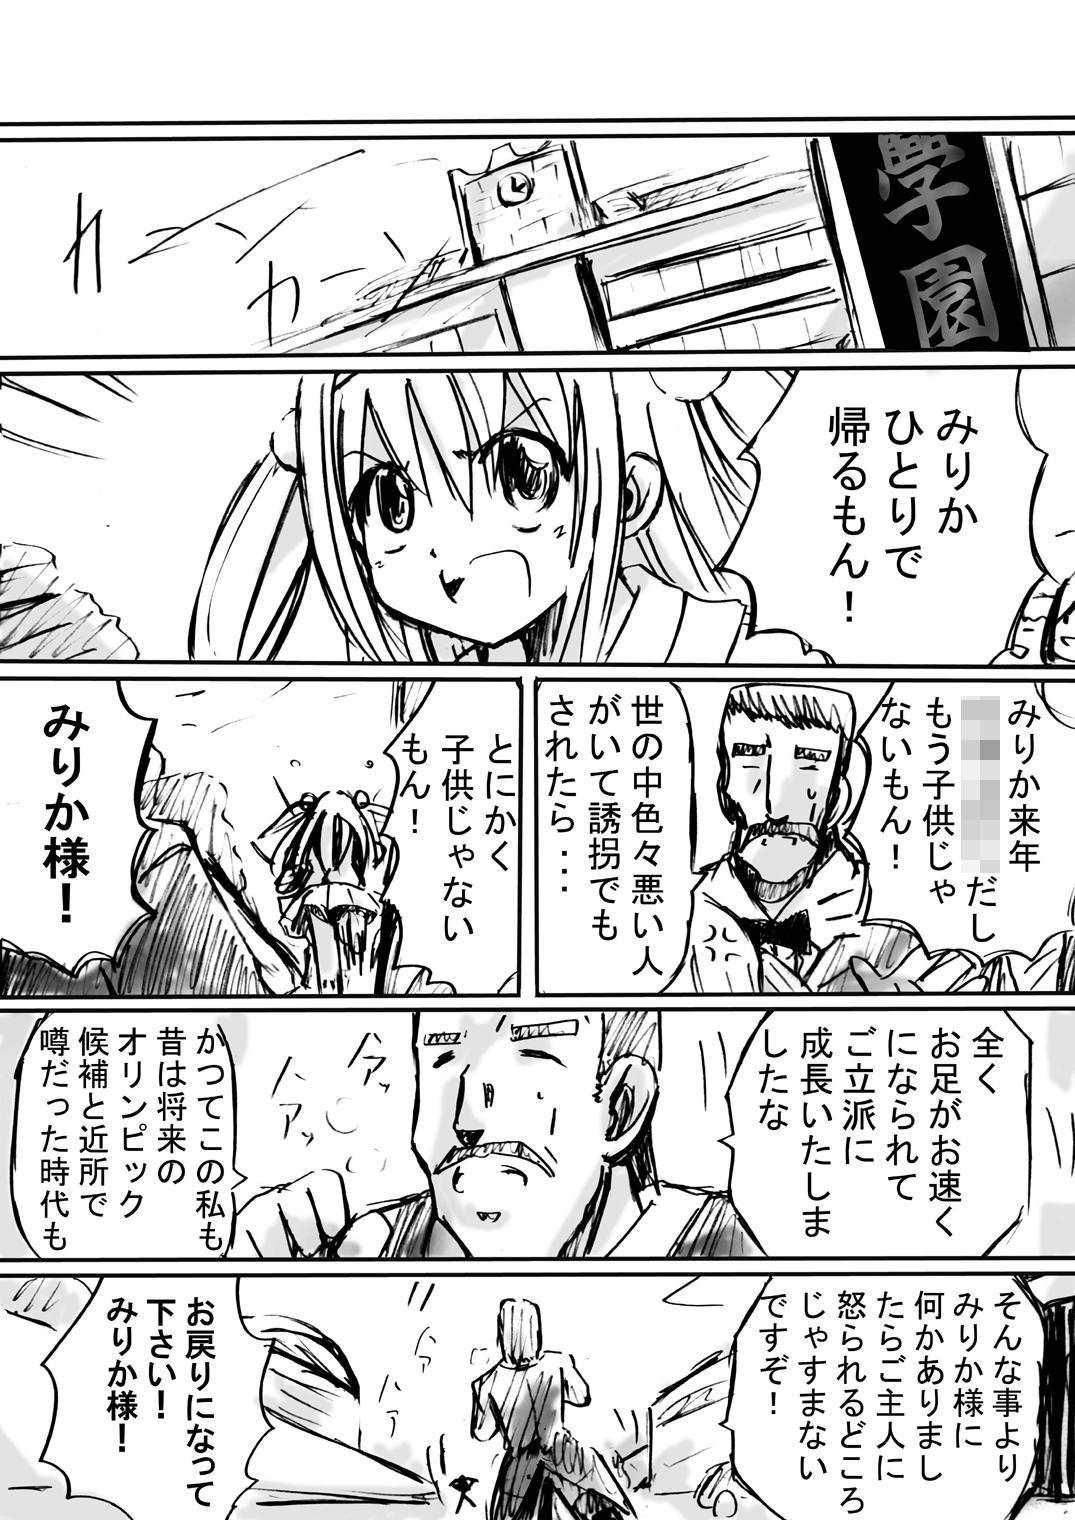 [Dende] Fushigi Sekai -Mystery World- Nonoha 5 ~Jokuma no Kyouniku no Tainai Shinshoku~ 14